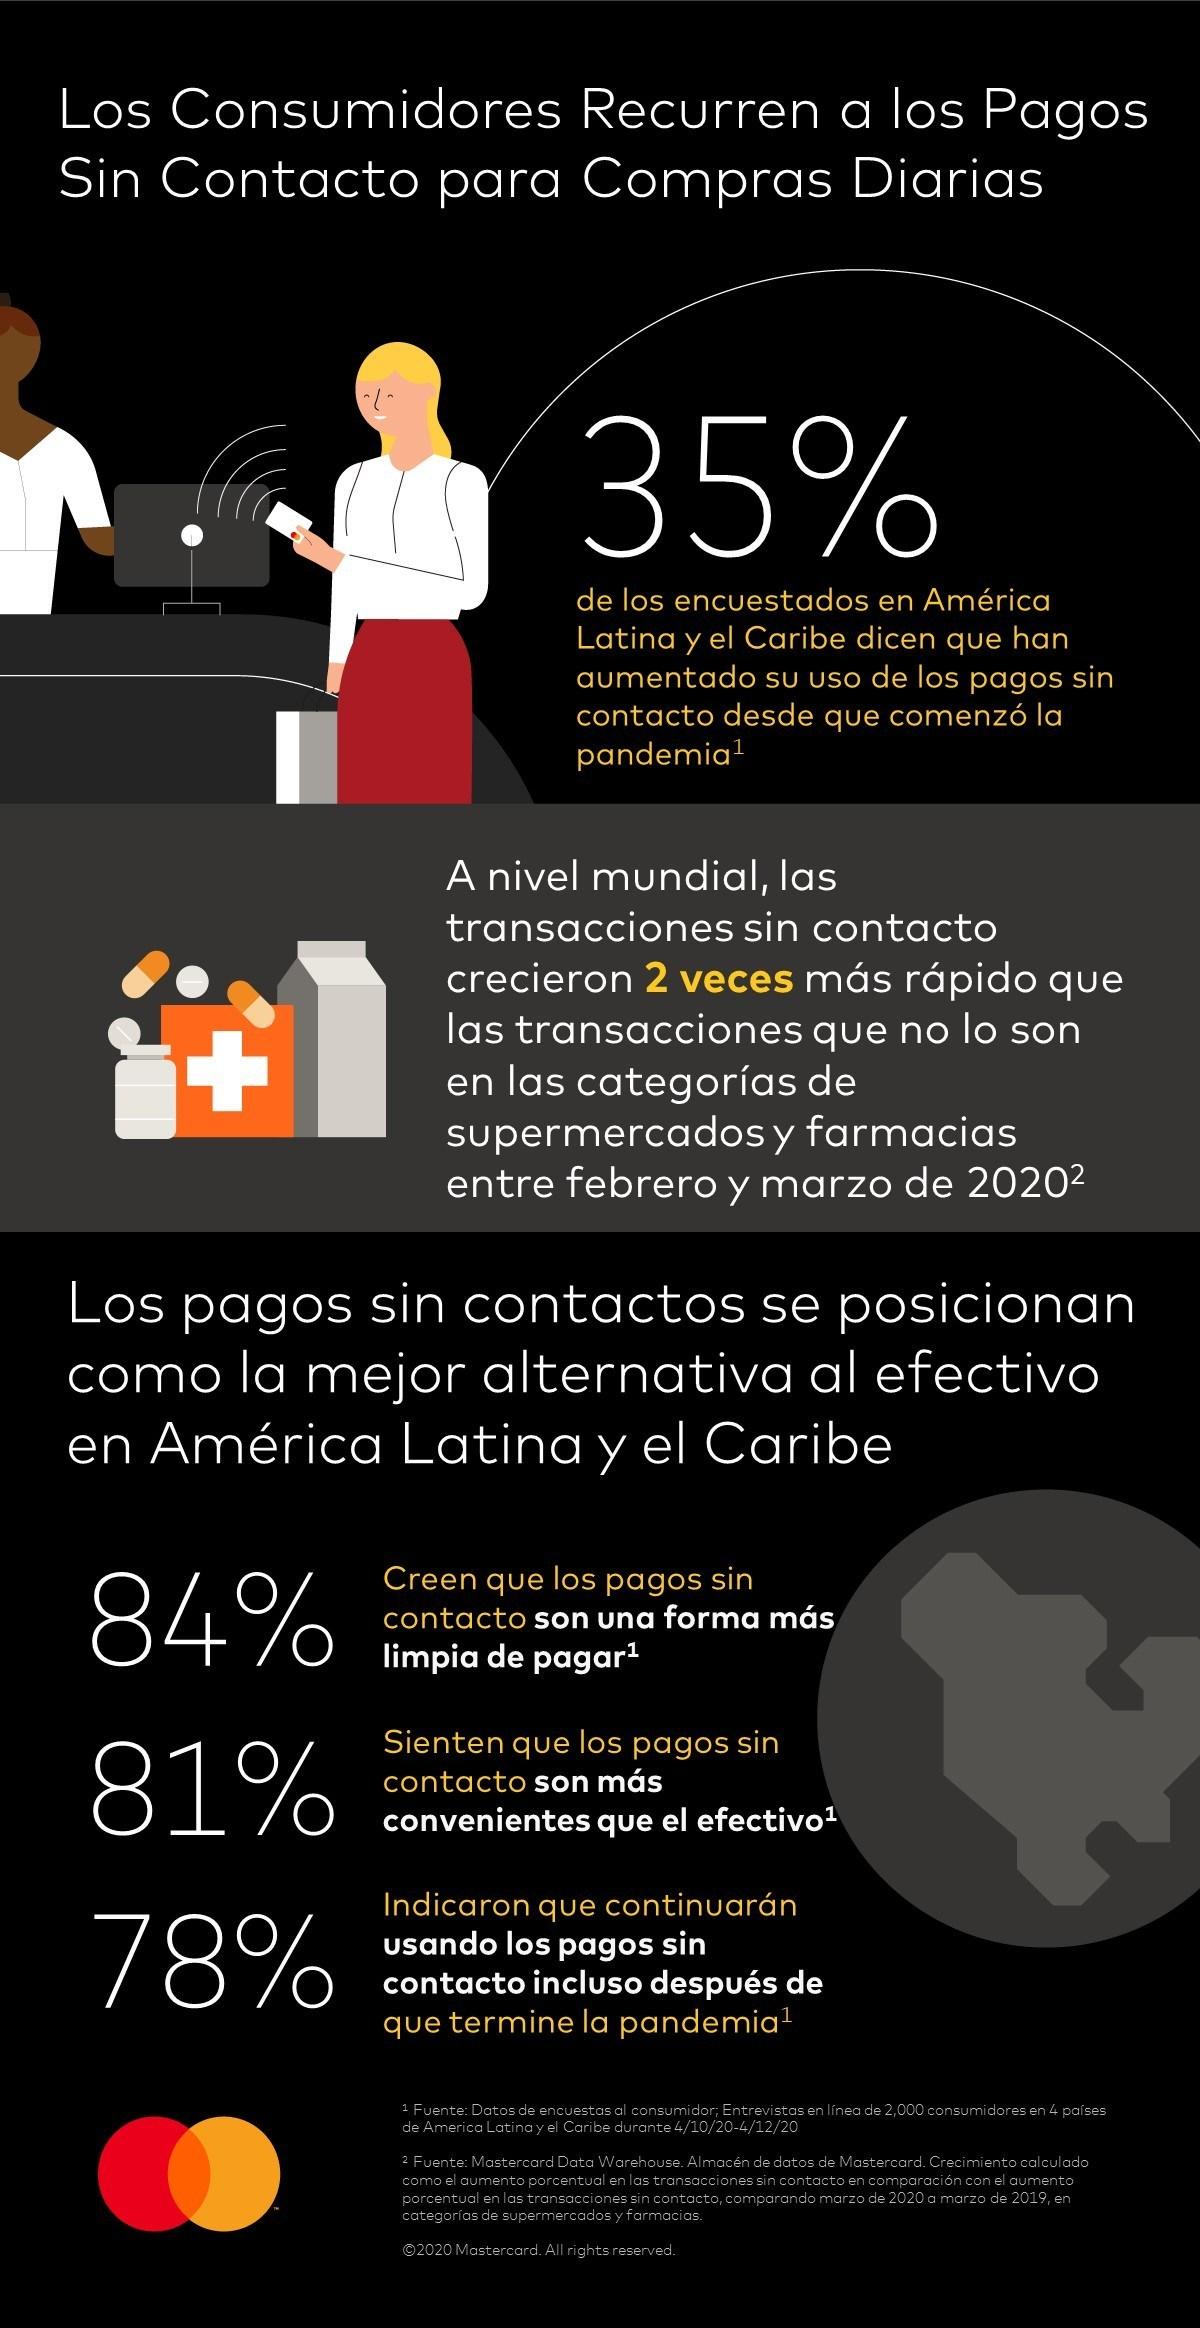 Estudio de Mastercard indica que los consumidores en América Latina y el Caribe hacen el cambio a los pagos sin contacto